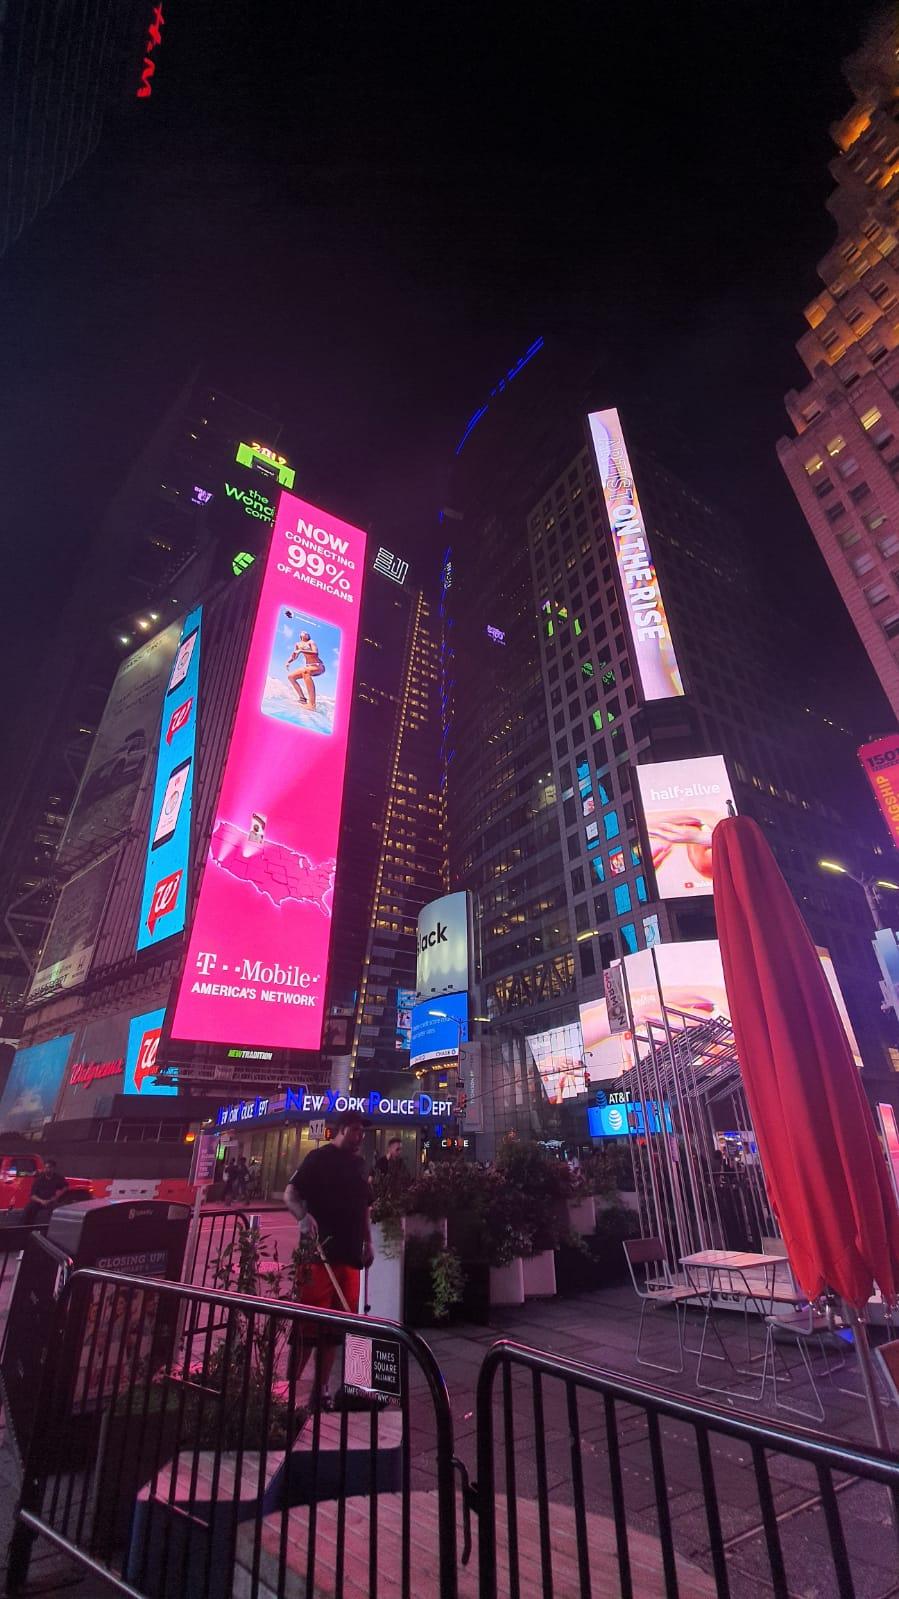 الصورة: هذه هي الطريقة التي تلتقط بها سامسونج الجديدة الصور Galaxy Note10 +! + الصور الليلية والفيديو 27